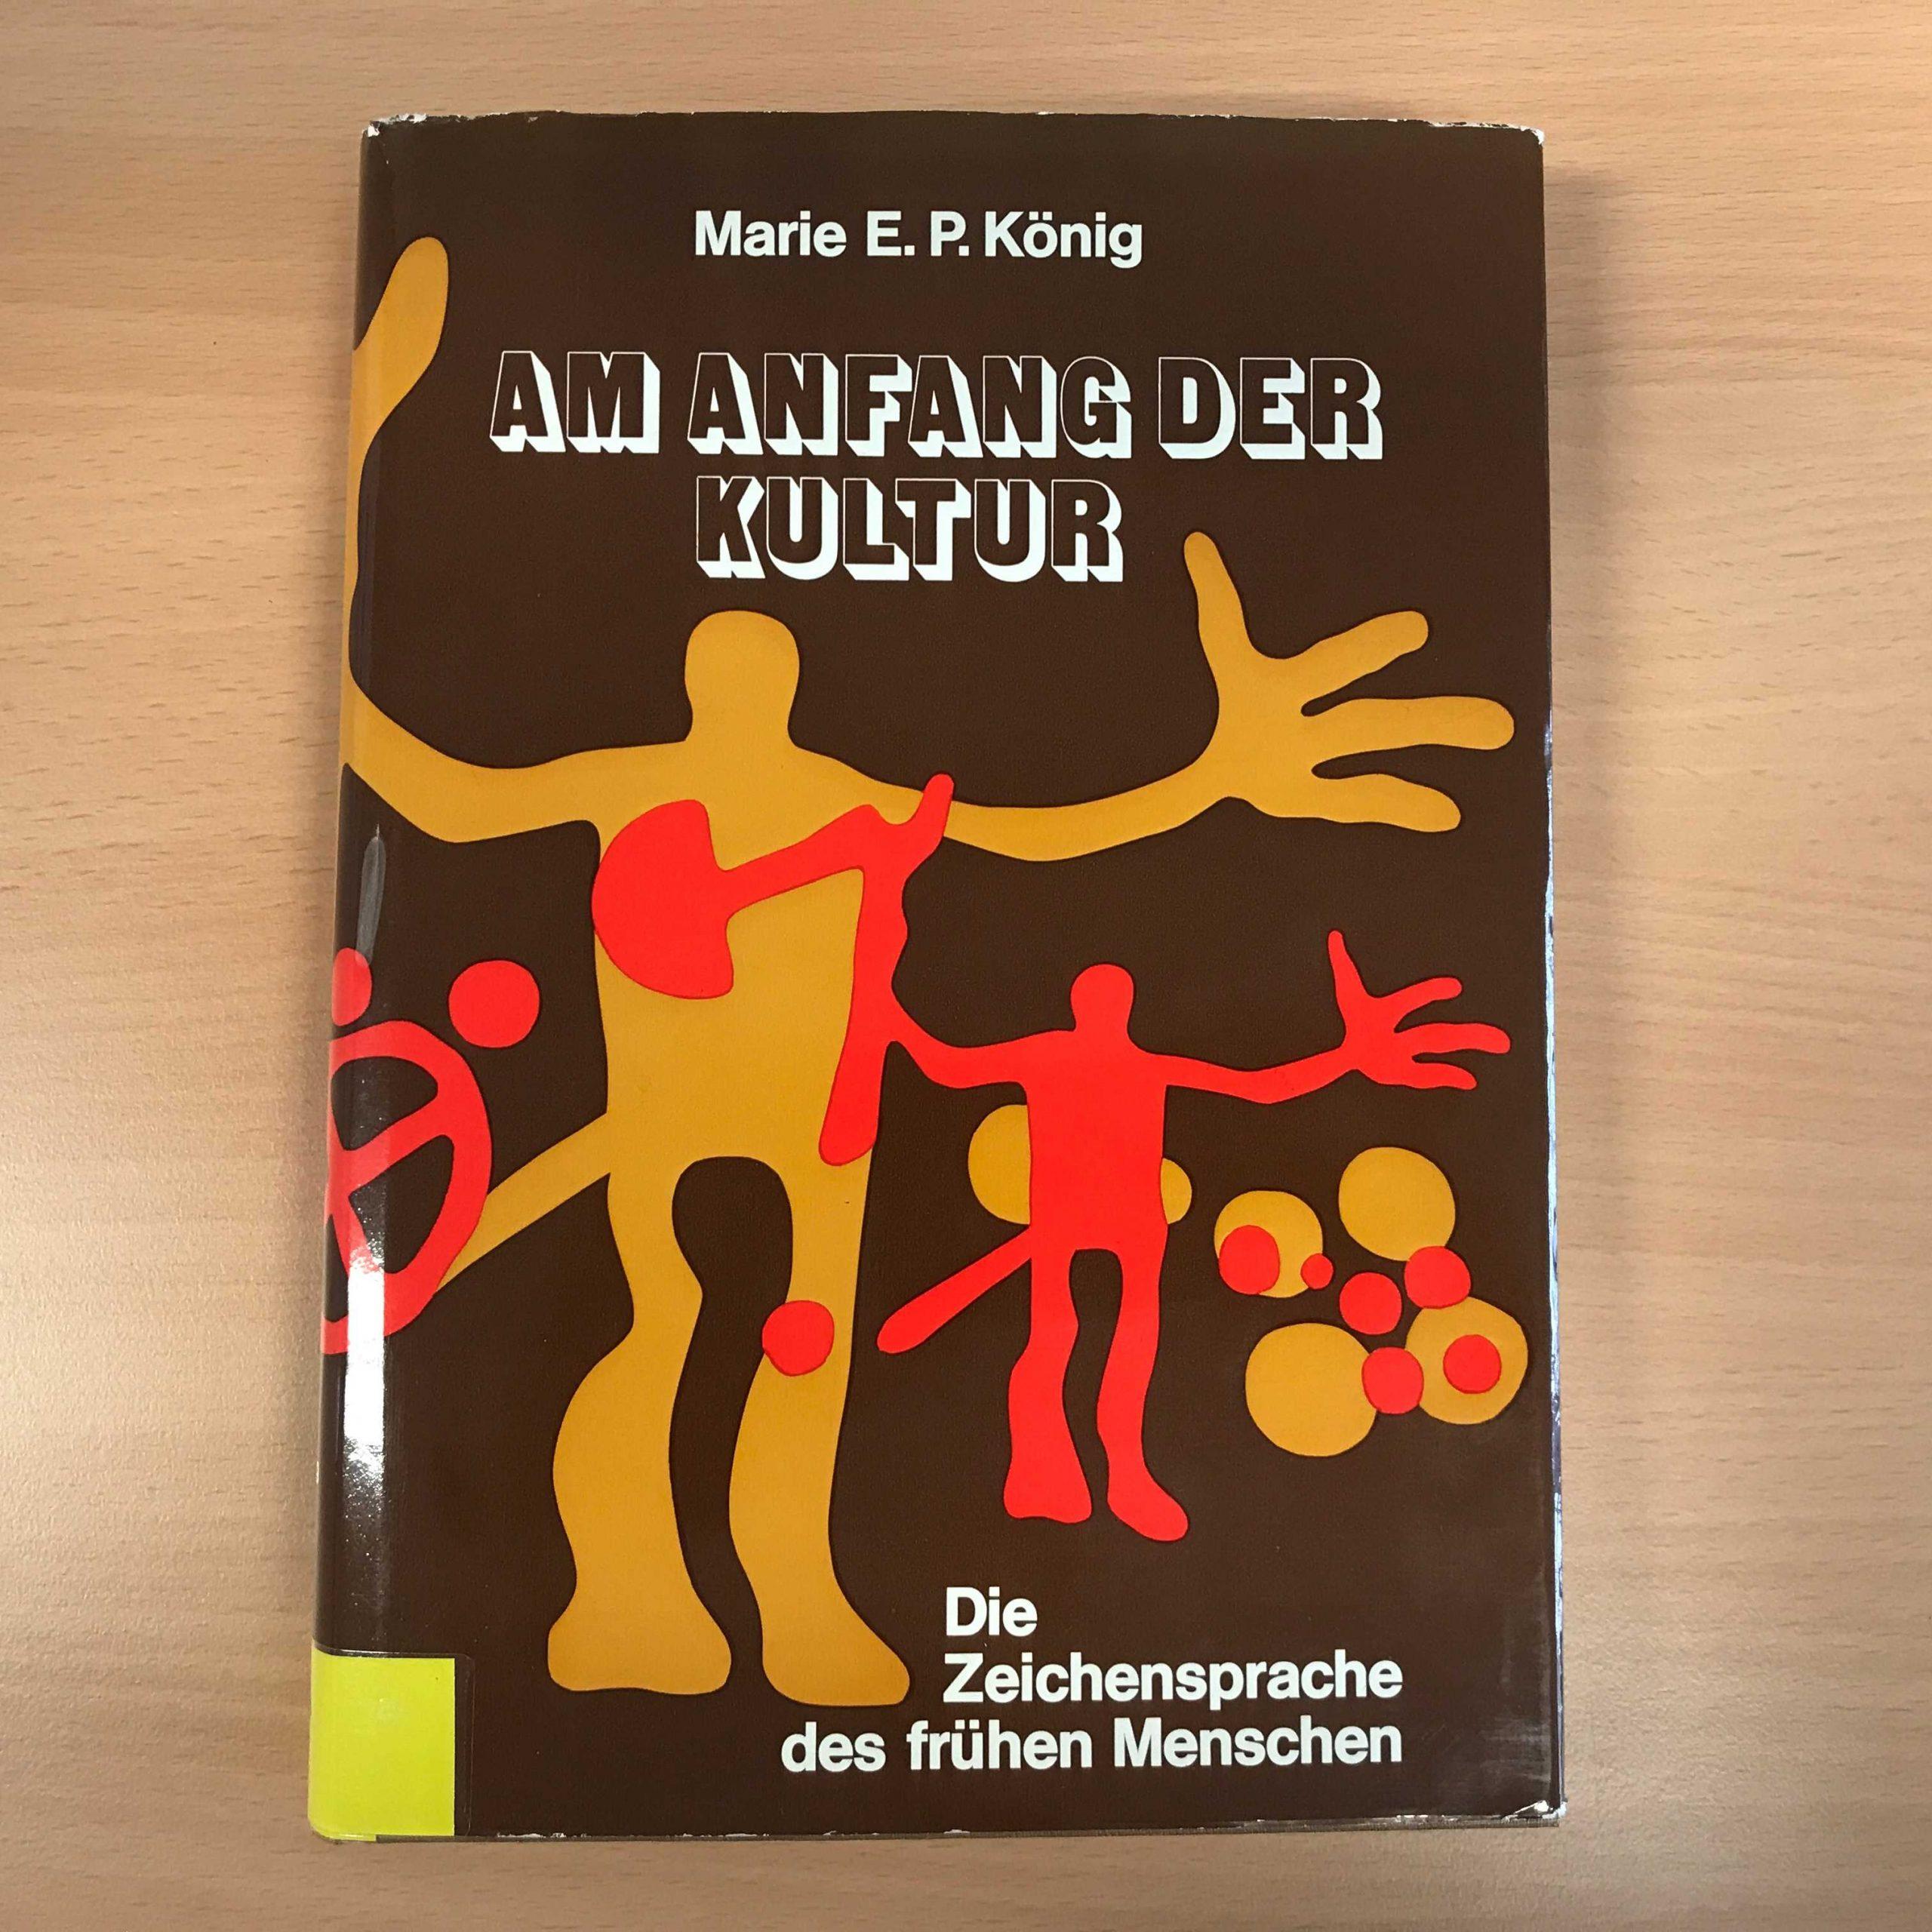 Neu im Bestand: Standardwerk der Ur- und Frühgeschichtsforscherin Marie E.P. König